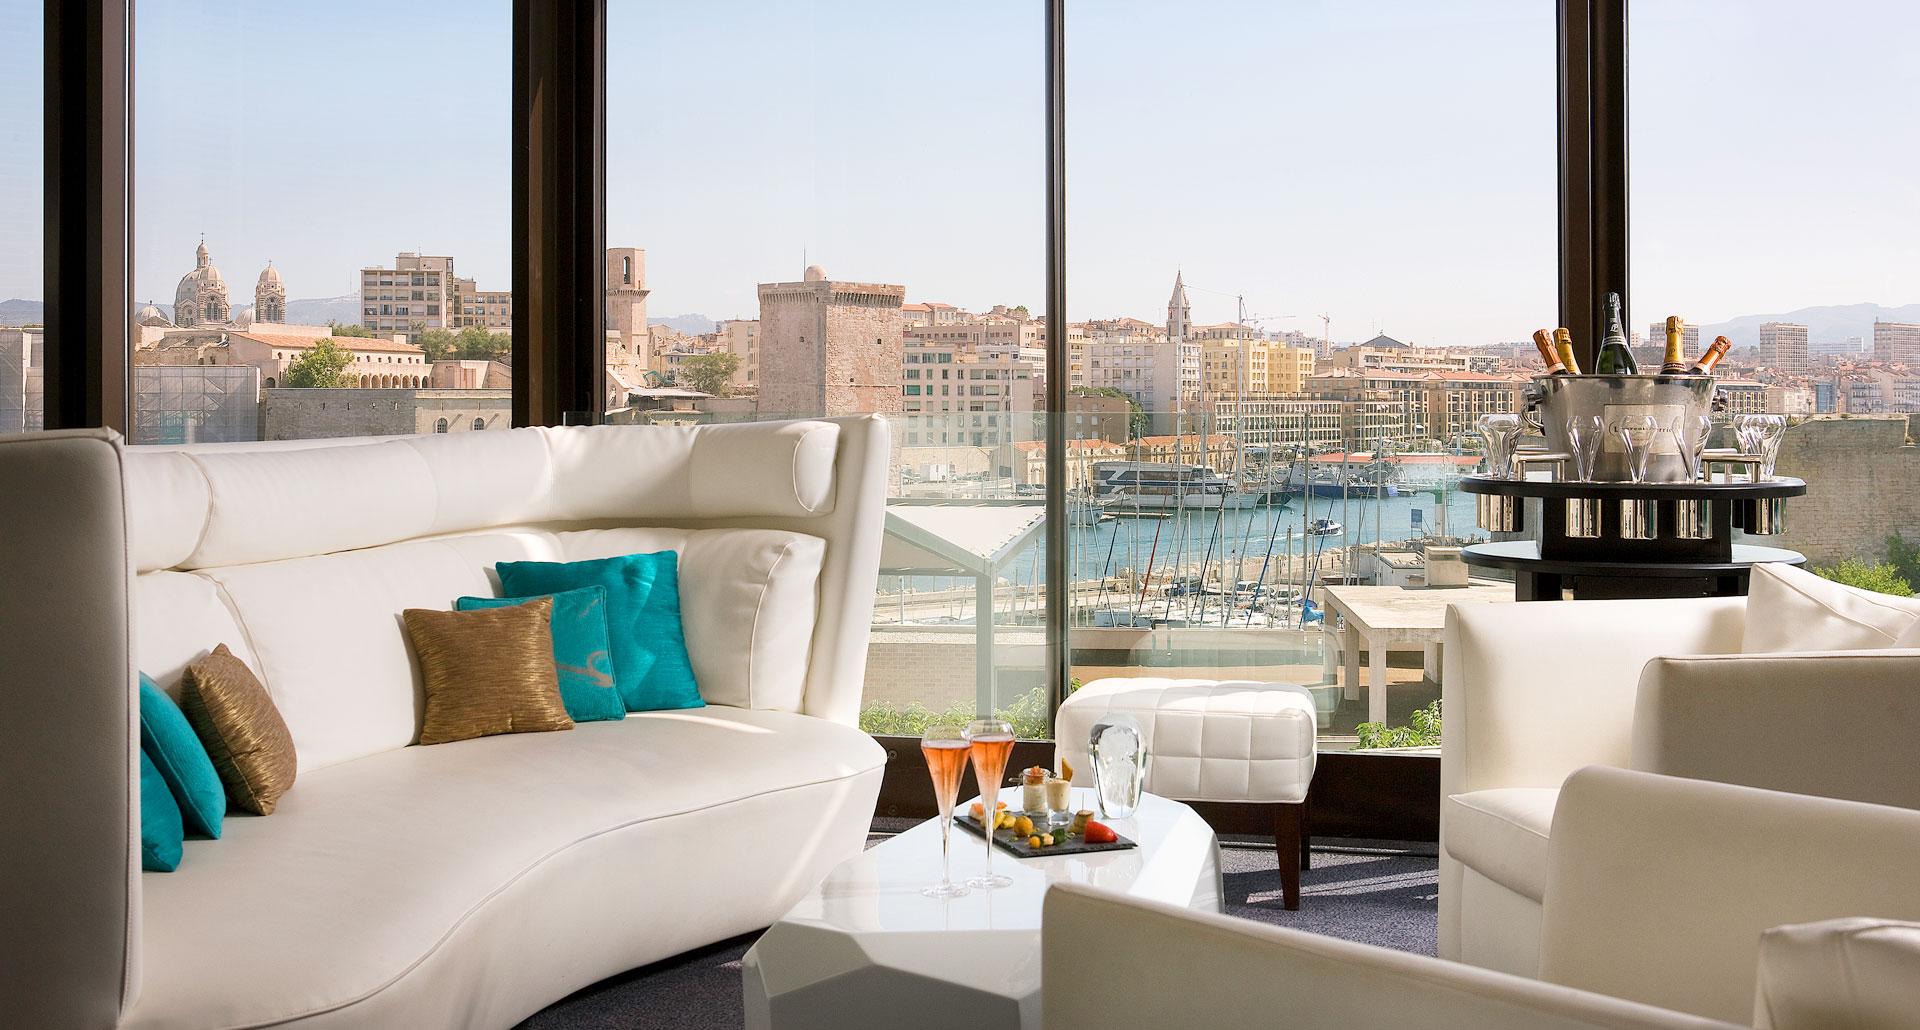 Sofitel Marseille Vieux Port - boutique hotel in Marseille